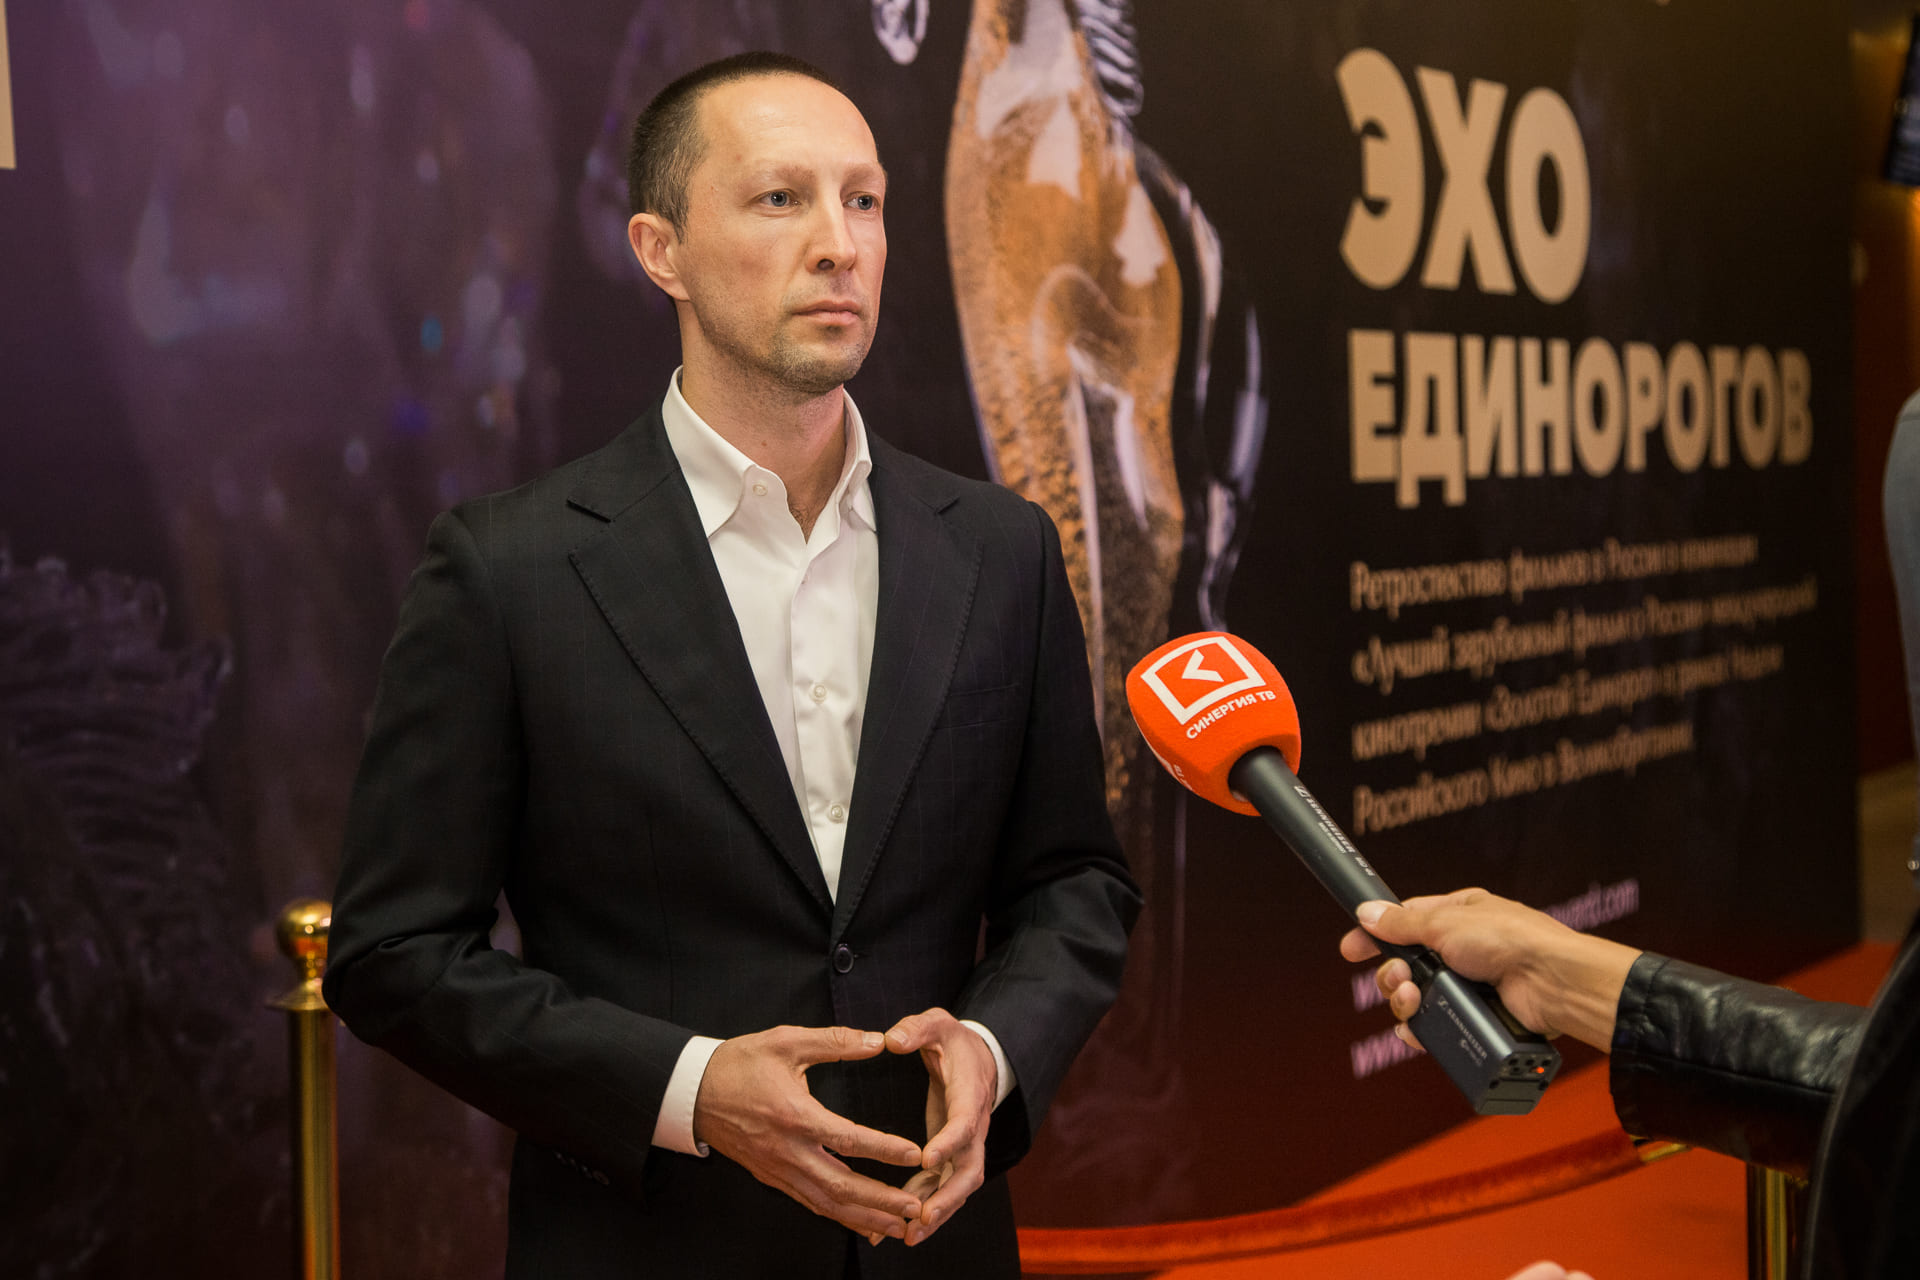 Вадим Лобов на фестивале русского кино в Лондоне «Эхо единорогов»